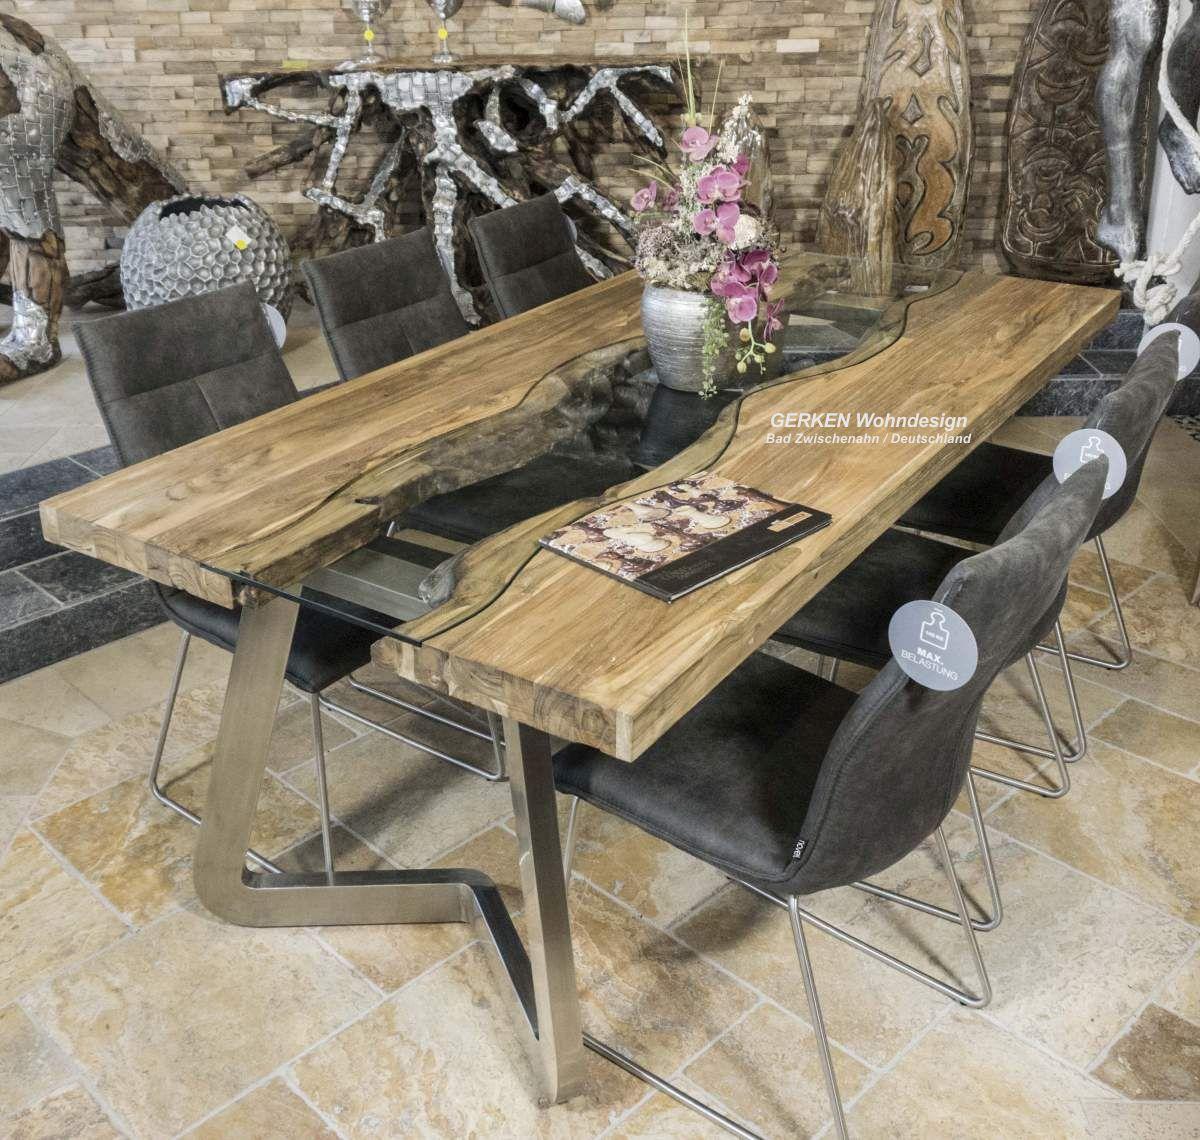 Design Esstisch der Serie Elements aus Holz mit einem Tischgestell aus Edelstahl   Der Tischonkel